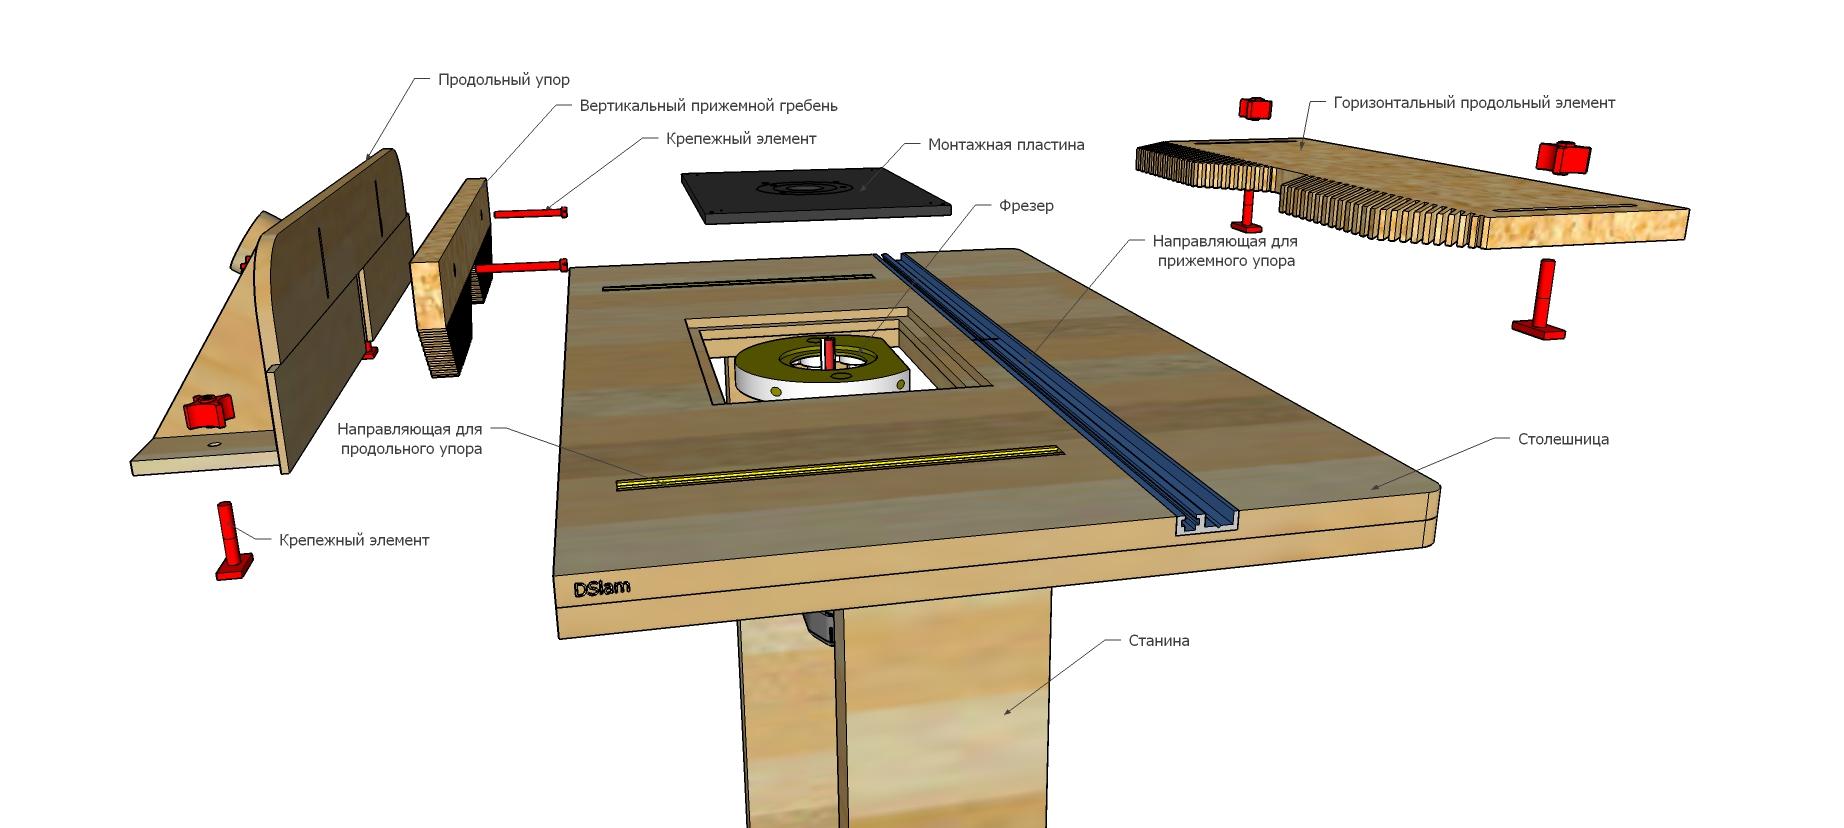 Фрезерный стол своими руками: устройство, чертежи, изготовление